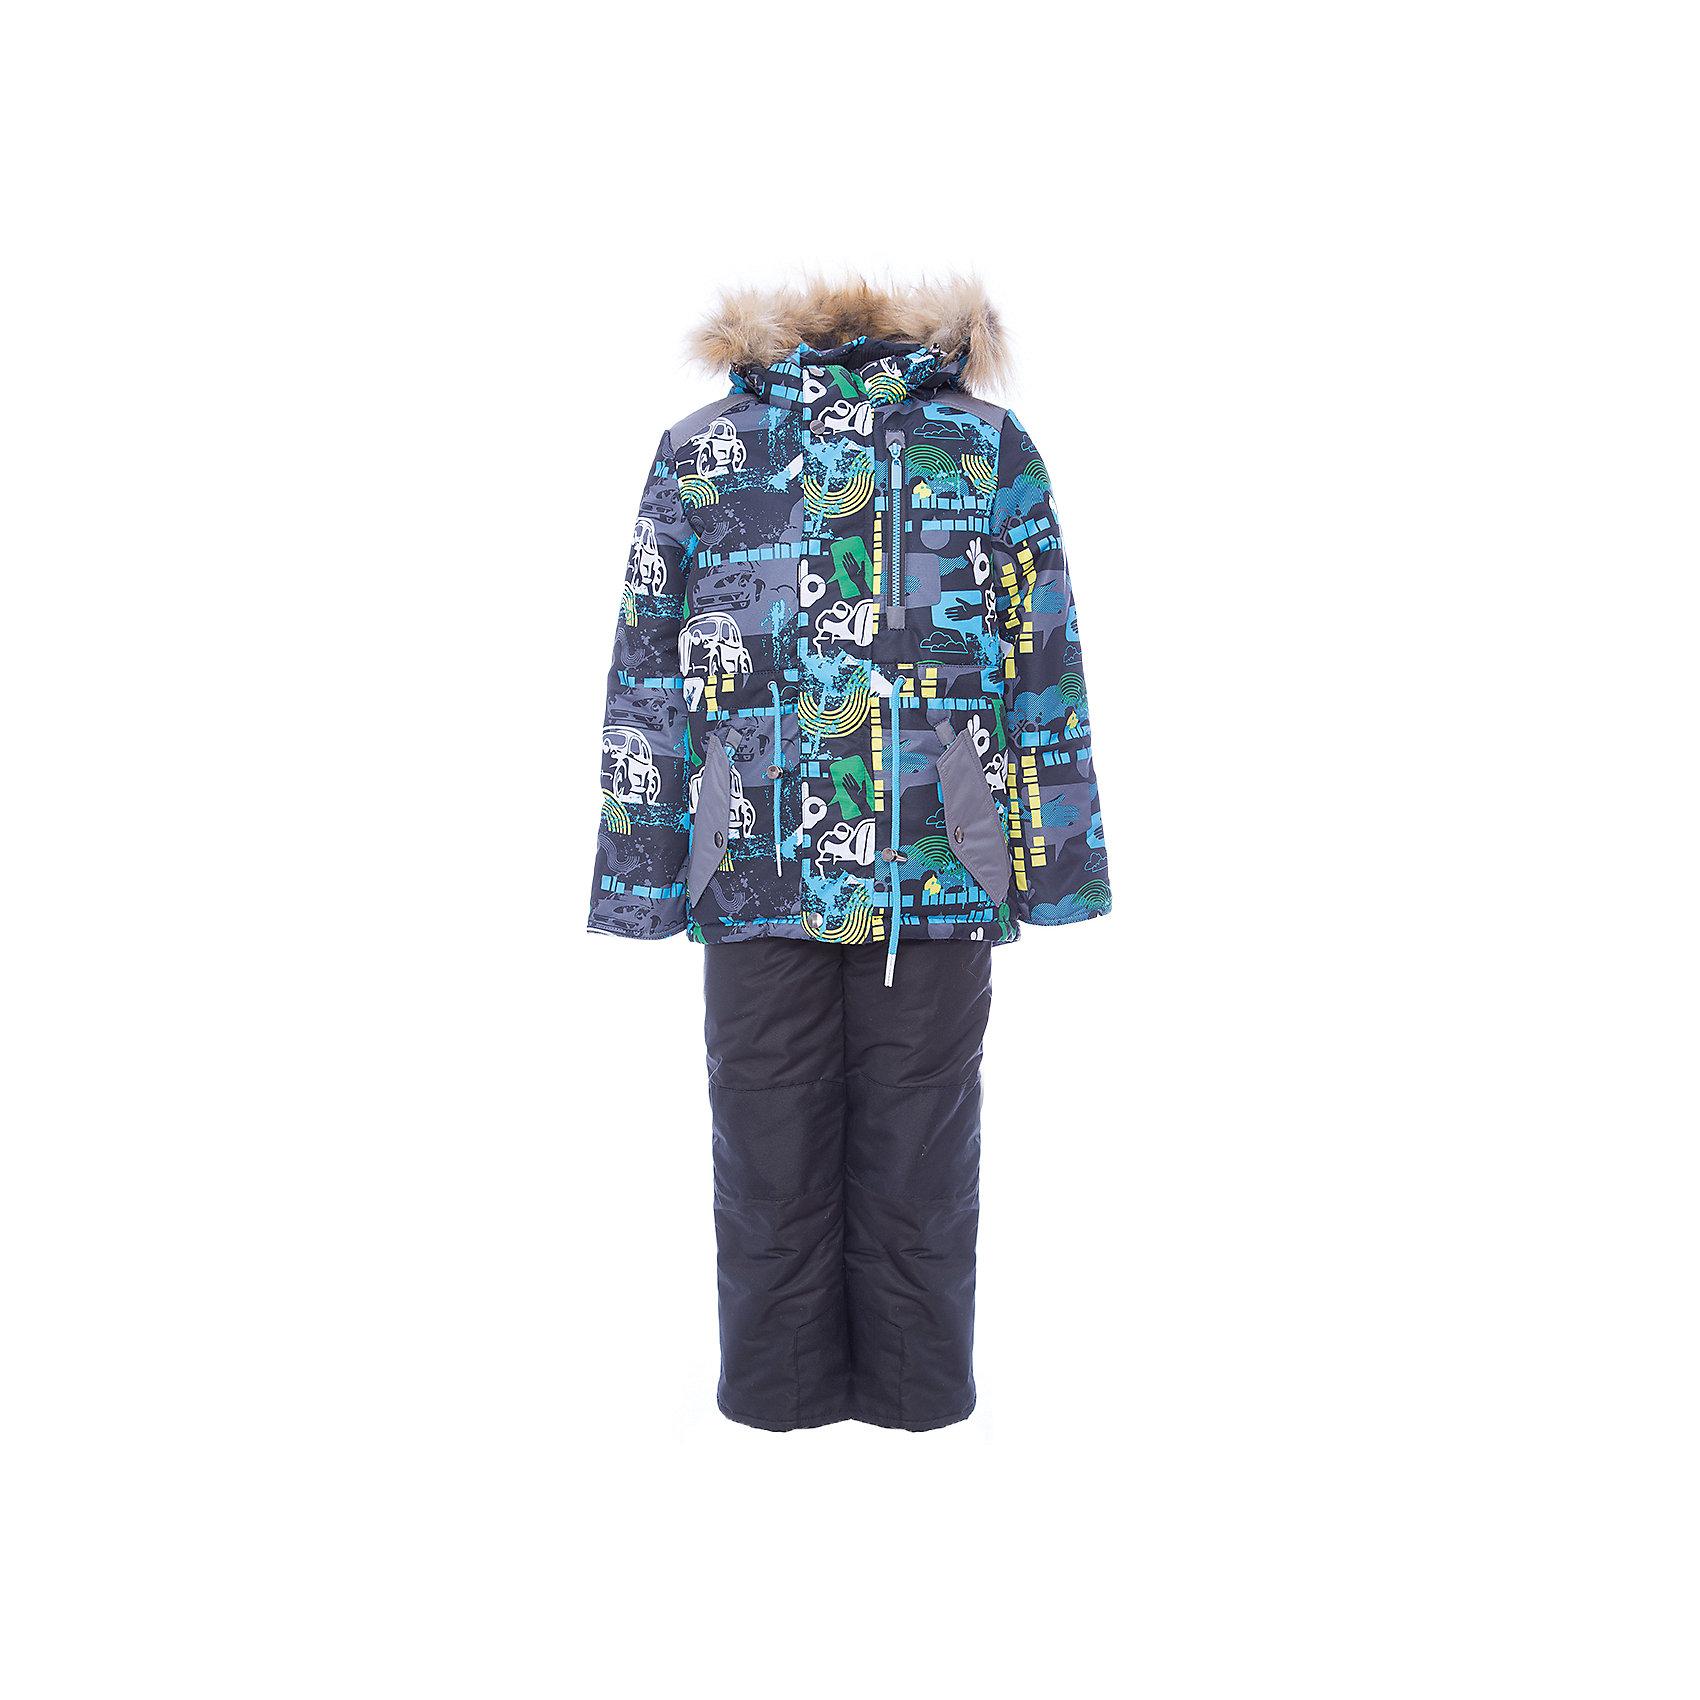 Комплект: куртка и полукомбинезон Лазер OLDOS для мальчикаВерхняя одежда<br>Характеристики товара:<br><br>• цвет: серый<br>• комплектация: куртка и полукомбинезон<br>• состав ткани: 100% полиэстер, пропитка PU, Teflon<br>• подкладка: хлопок, полиэстер<br>• утеплитель: Hollofan 250/200 г/м2<br>• подстежка: 60% шерсть, 40% полиэстер<br>• сезон: зима<br>• температурный режим: от -35 до 0<br>• застежка: молния<br>• капюшон: с мехом, съемный<br>• подстежка в комплекте<br>• страна бренда: Россия<br>• страна изготовитель: Россия<br><br>Подкладка зимнего комплекта комбинированная: хлопок и полиэстер. Зимний костюм для мальчика дополнен элементами, помогающими скорректировать размер точно под ребенка. Теплый комплект для мальчика отлично подходит для суровой русской зимы благодаря хорошему утеплителю и пропитке верха от влаги и грязи. <br><br>Комплект: куртка и полукомбинезон Лазер Oldos (Олдос) для мальчика можно купить в нашем интернет-магазине.<br><br>Ширина мм: 356<br>Глубина мм: 10<br>Высота мм: 245<br>Вес г: 519<br>Цвет: серый<br>Возраст от месяцев: 84<br>Возраст до месяцев: 96<br>Пол: Мужской<br>Возраст: Детский<br>Размер: 128,92,98,104,110,116,122<br>SKU: 7016781